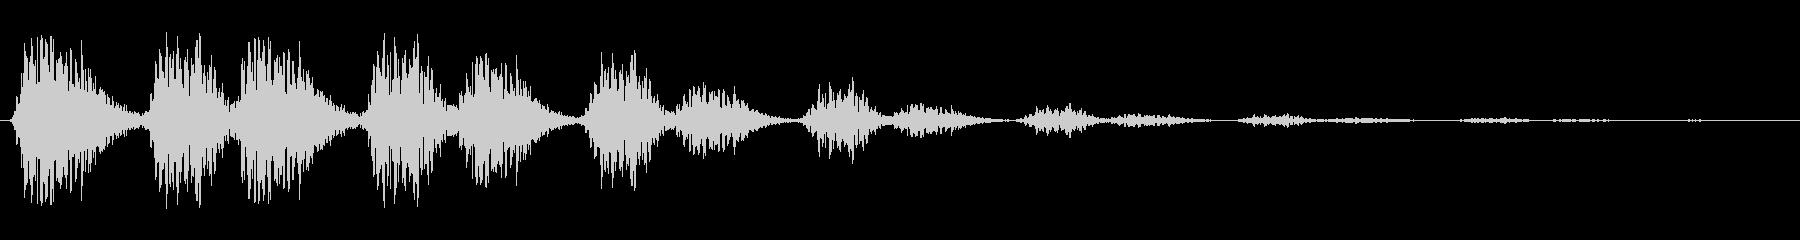 動いている何かが去る音の未再生の波形